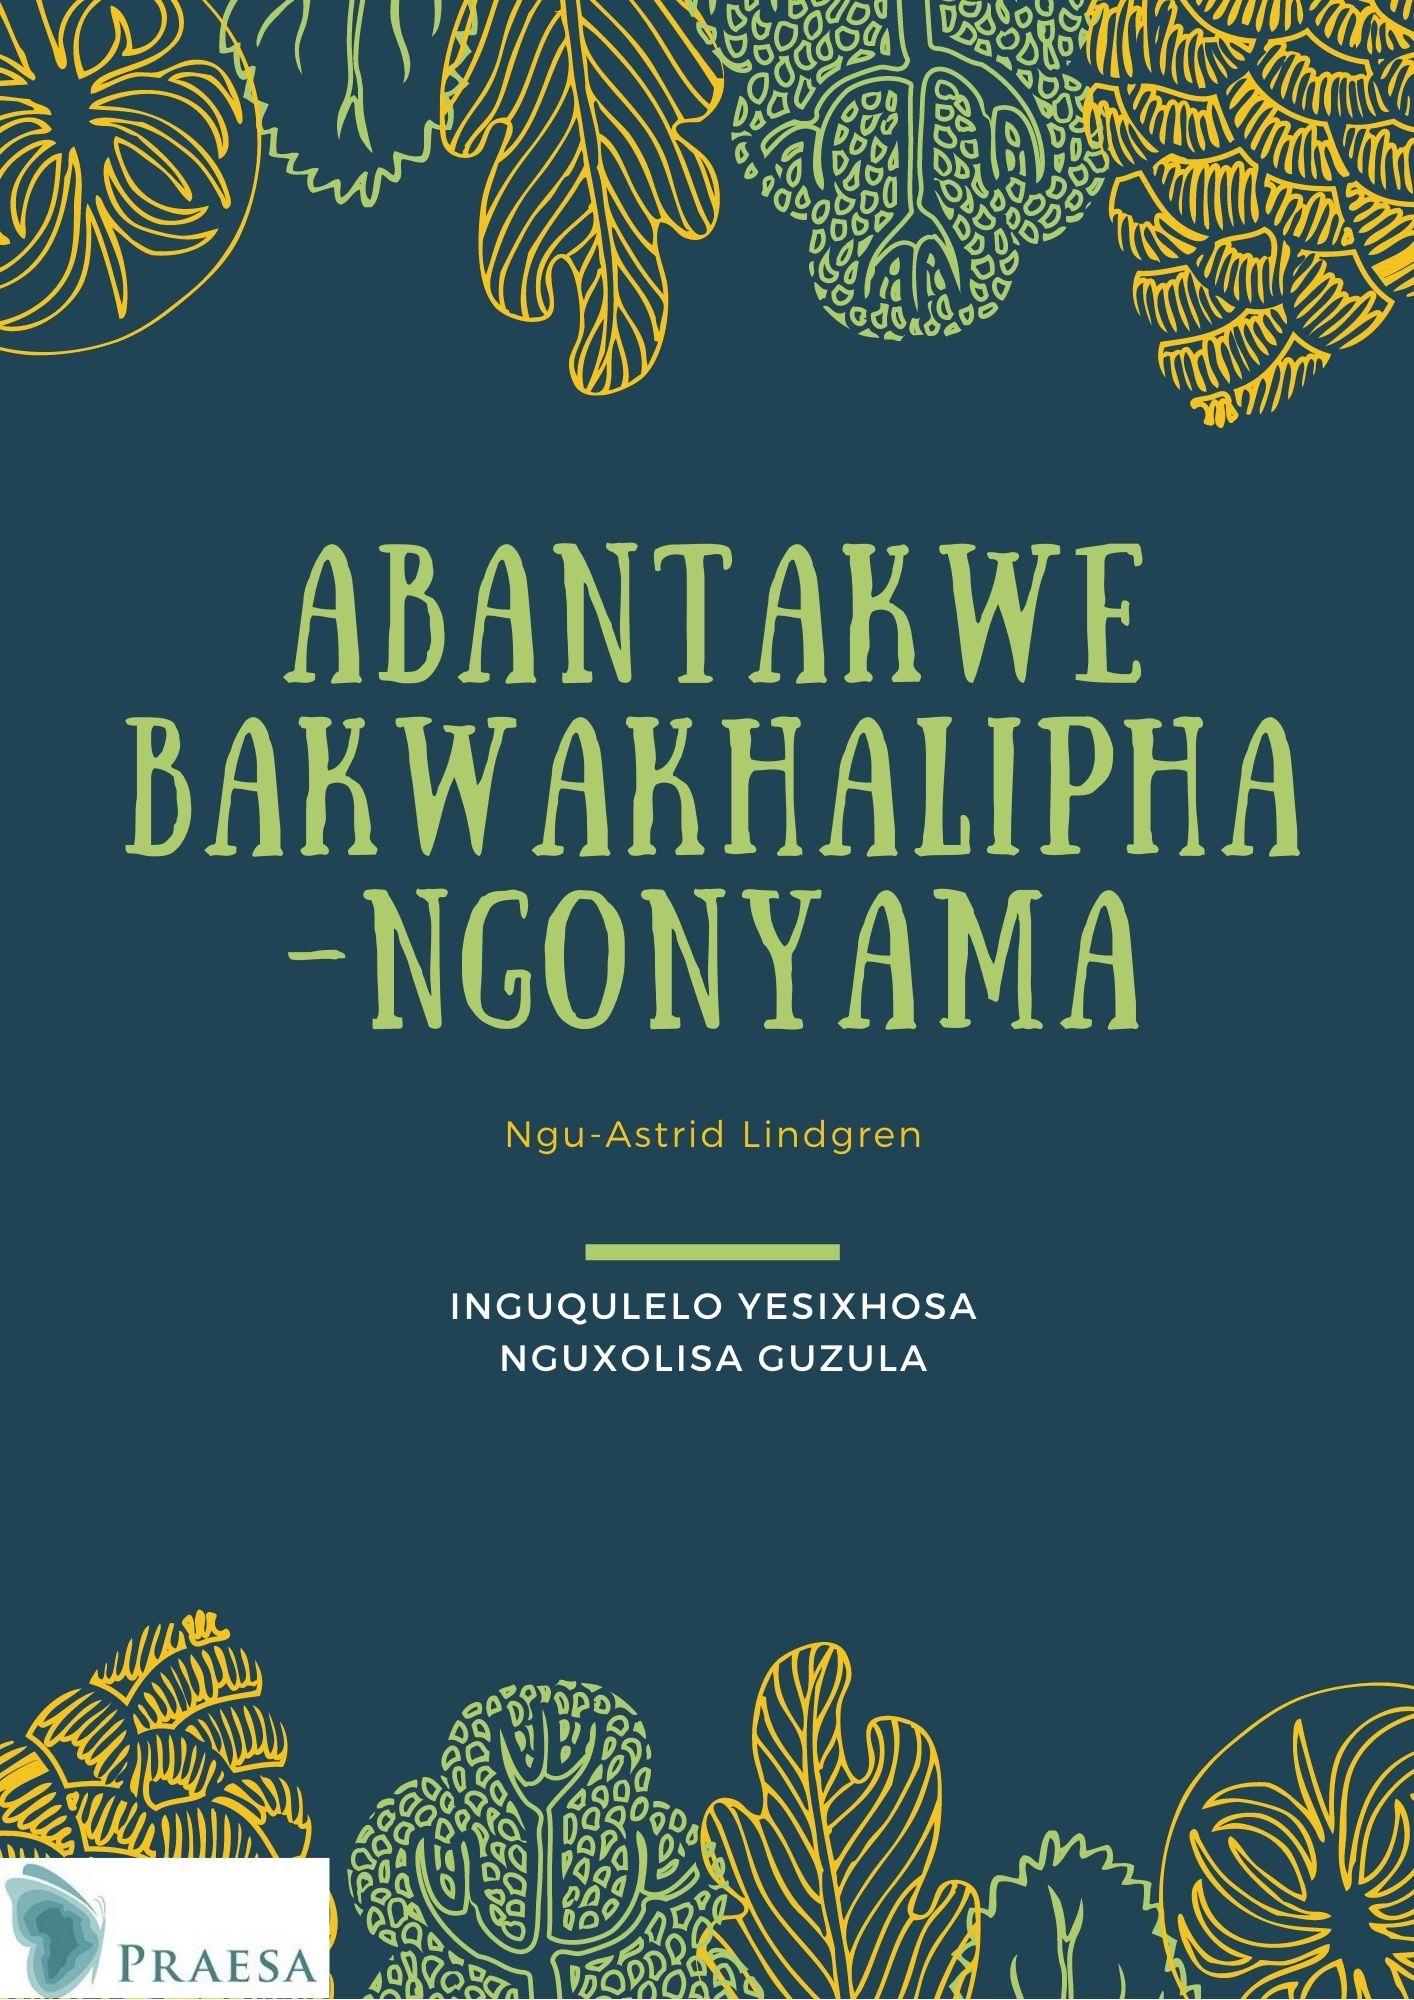 Abantakwe bakwaKhalipha-Ngonyama